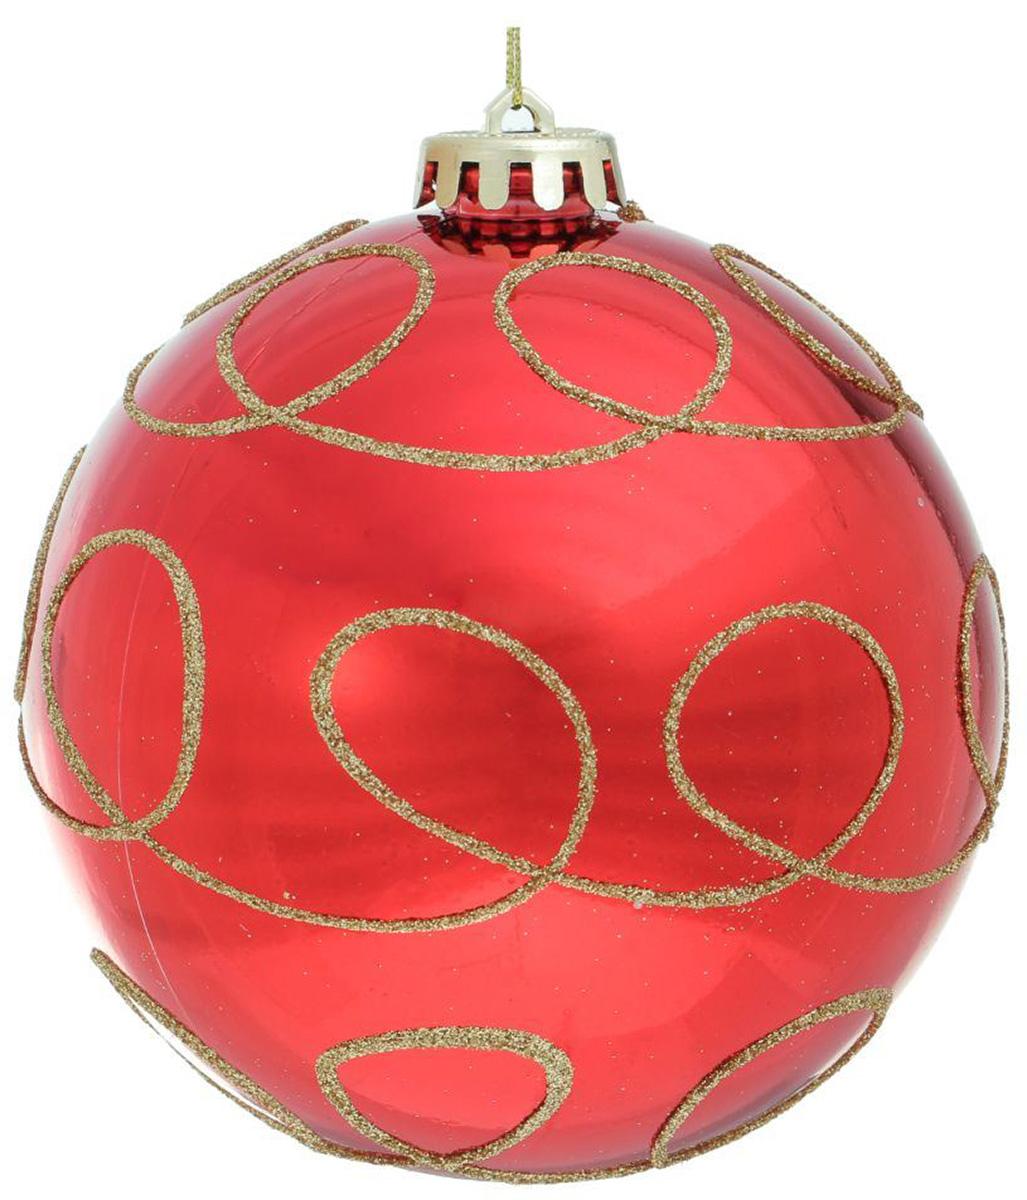 Новогоднее подвесное украшение Sima-land Кружева, диаметр 12 см1307048Новогоднее украшение Sima-land отлично подойдет для декорации вашего дома и новогодней ели. Елочная игрушка - символ Нового года. Она несет в себе волшебство и красоту праздника. Такое украшение создаст в вашем доме атмосферу праздника, веселья и радости.